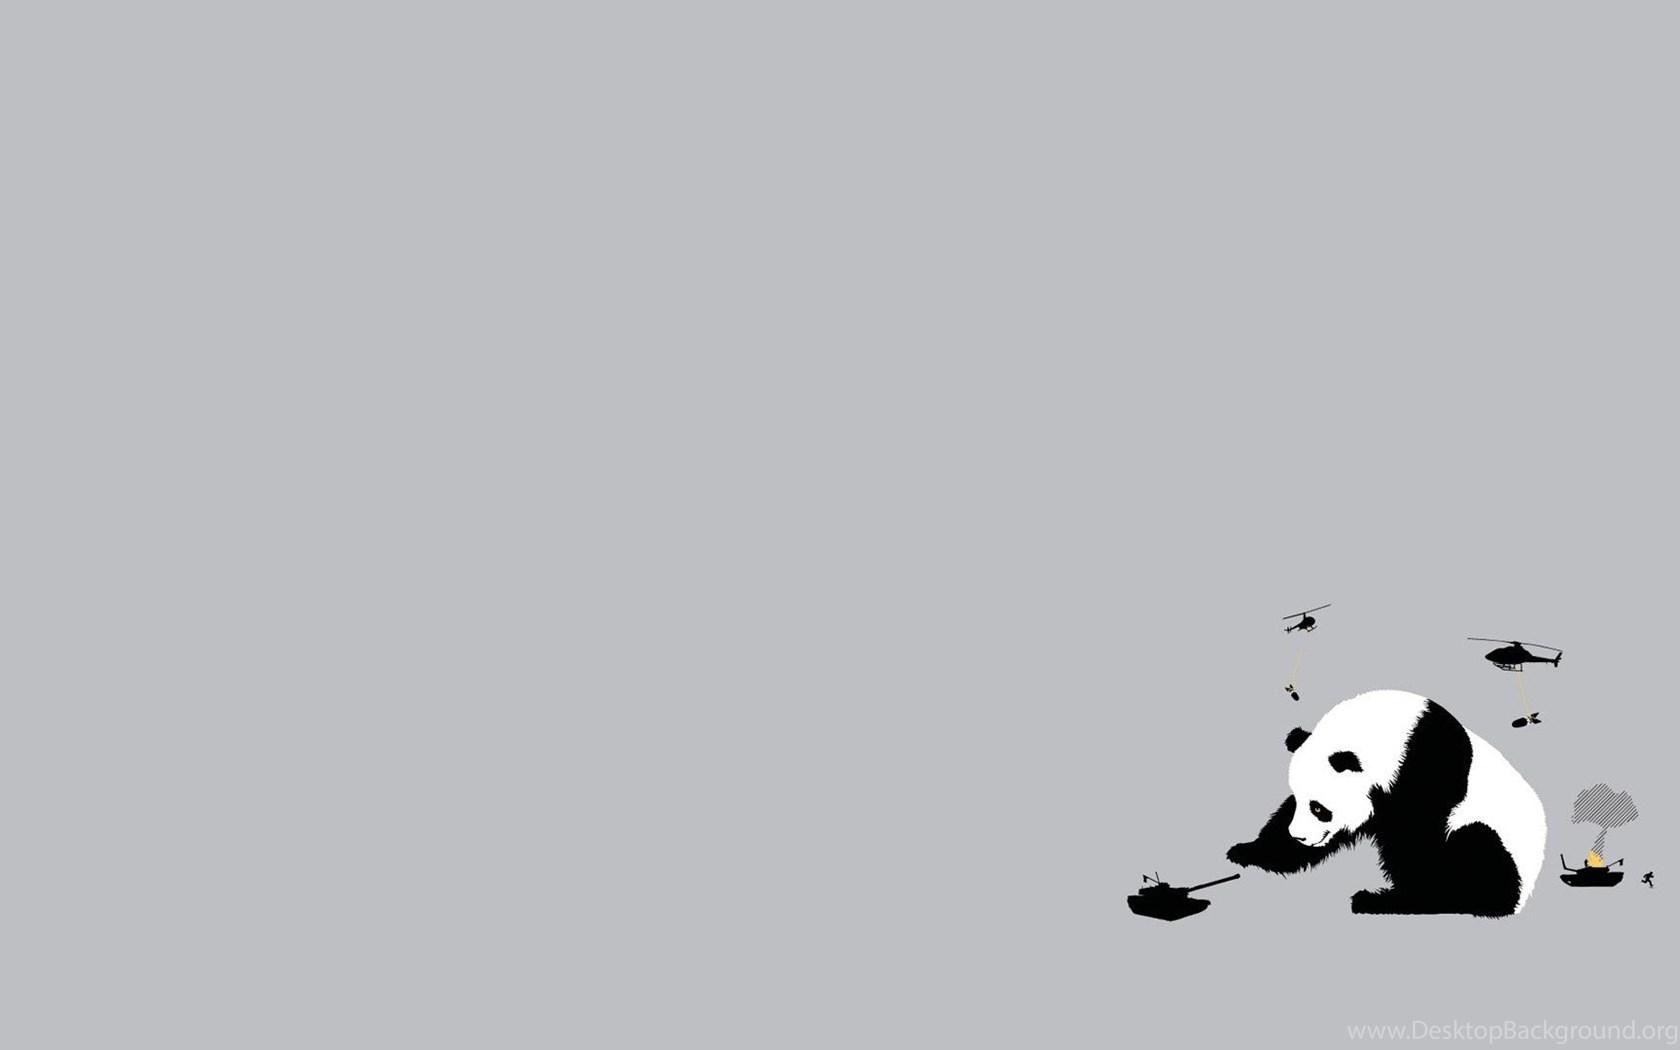 миленькие панды  № 3356318 бесплатно